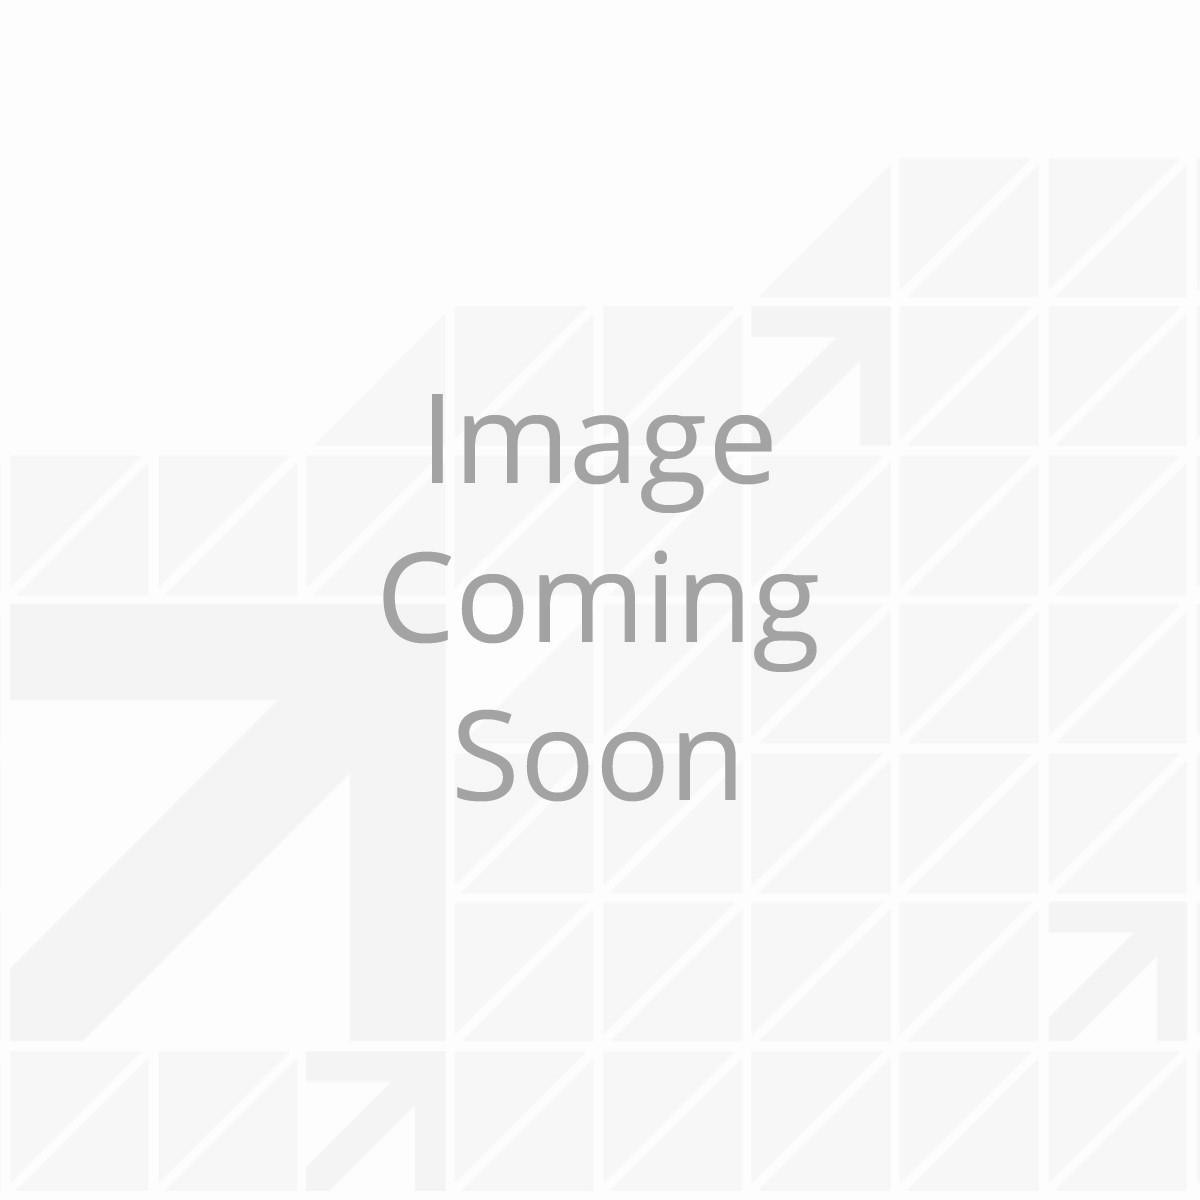 Compression Latch with Key Locking Plug - Black